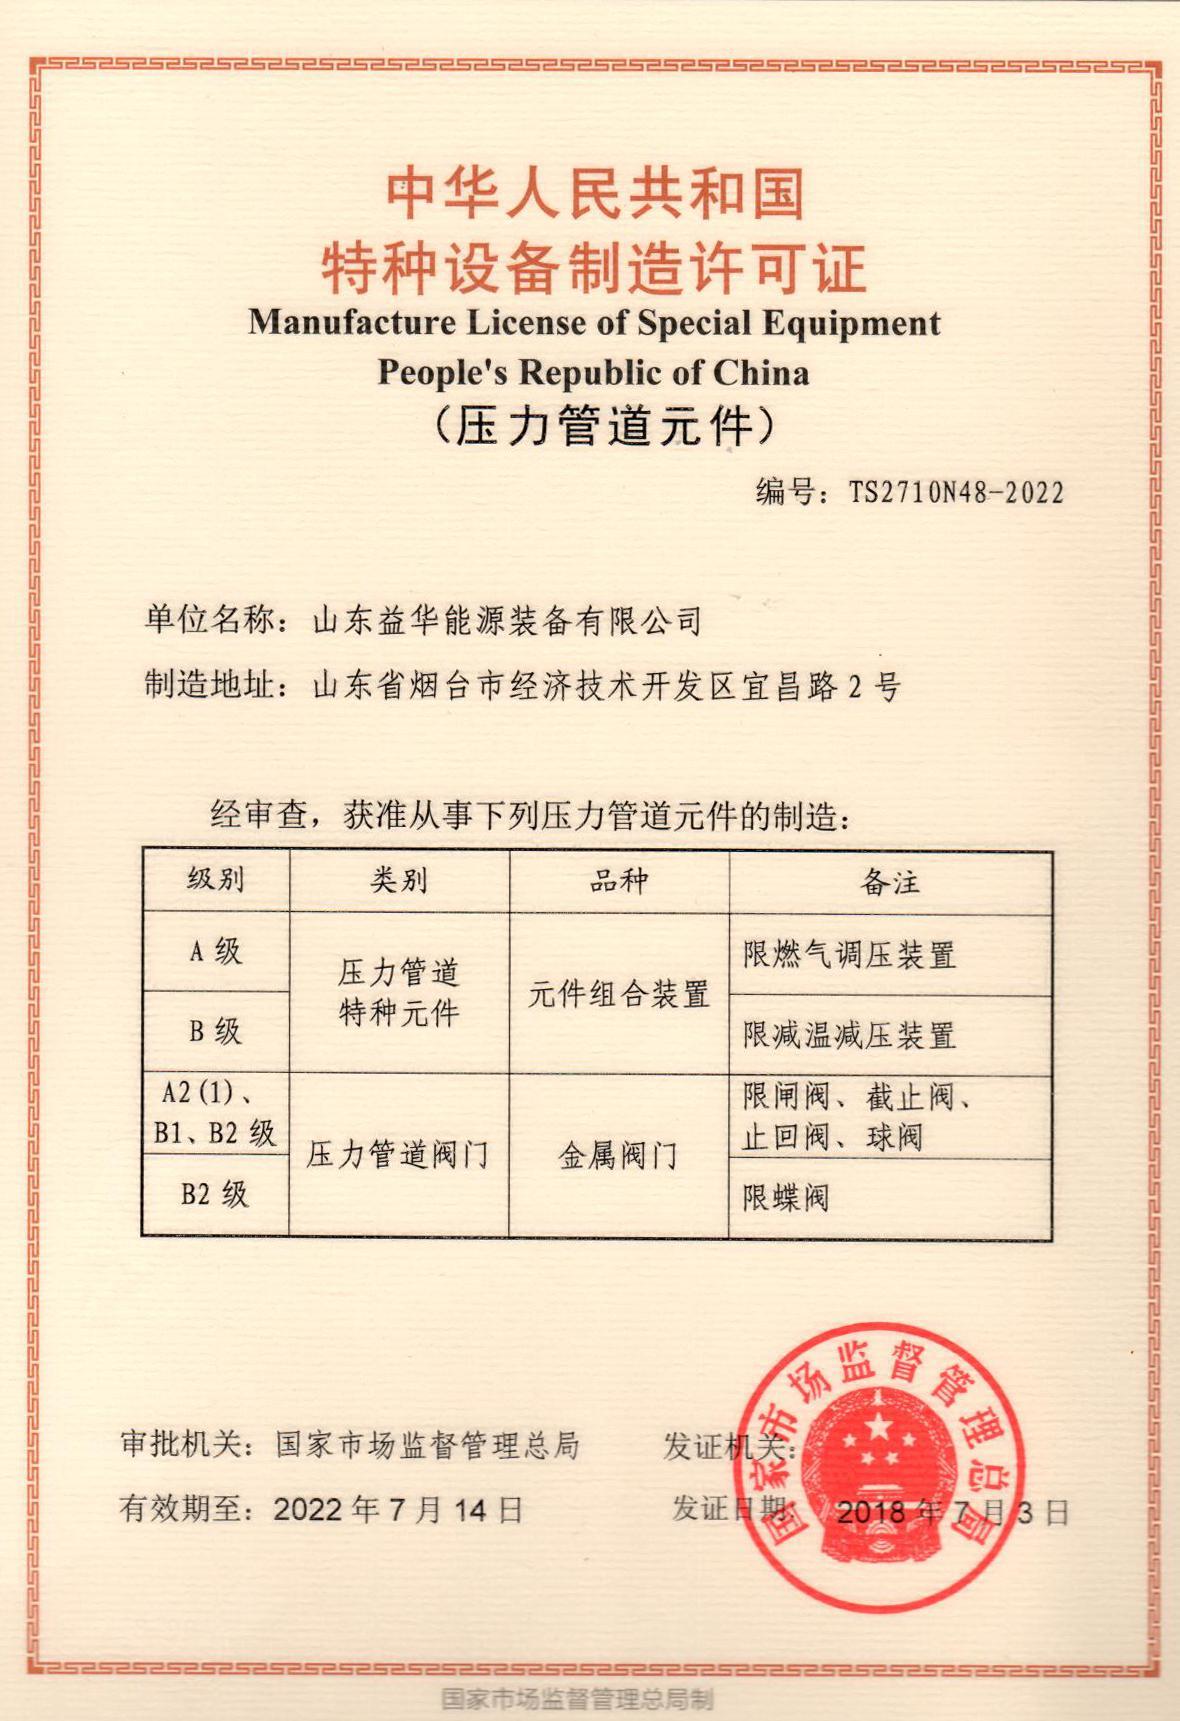 特种设备制造许可证_压力管道元件